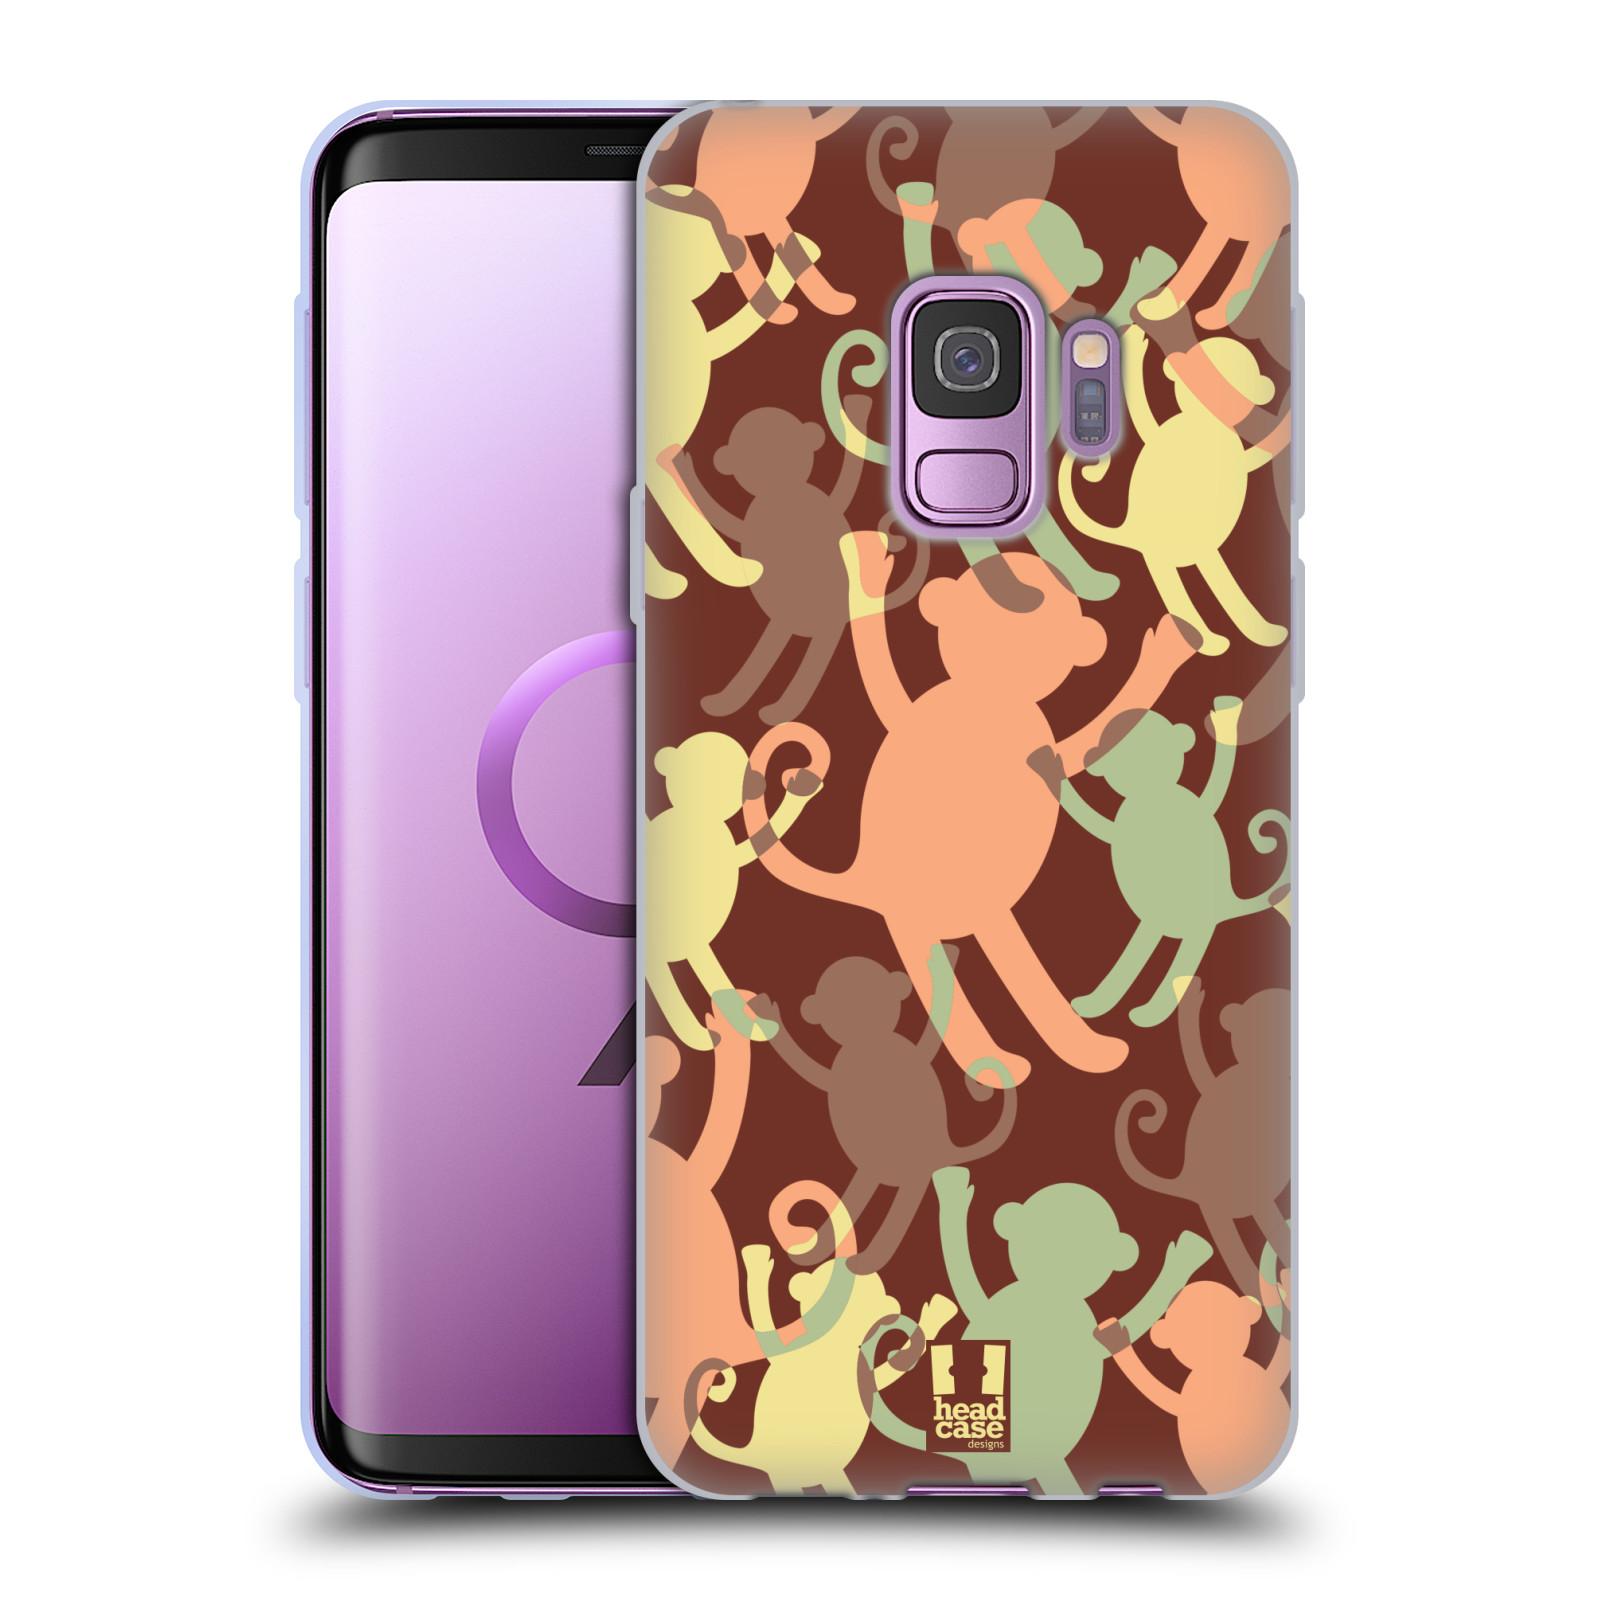 COVER-HEAD-CASE-DESIGNS-Branco-di-animali-colorati-Soft-Gel-Custodia-per-Telefoni-Samsung-1